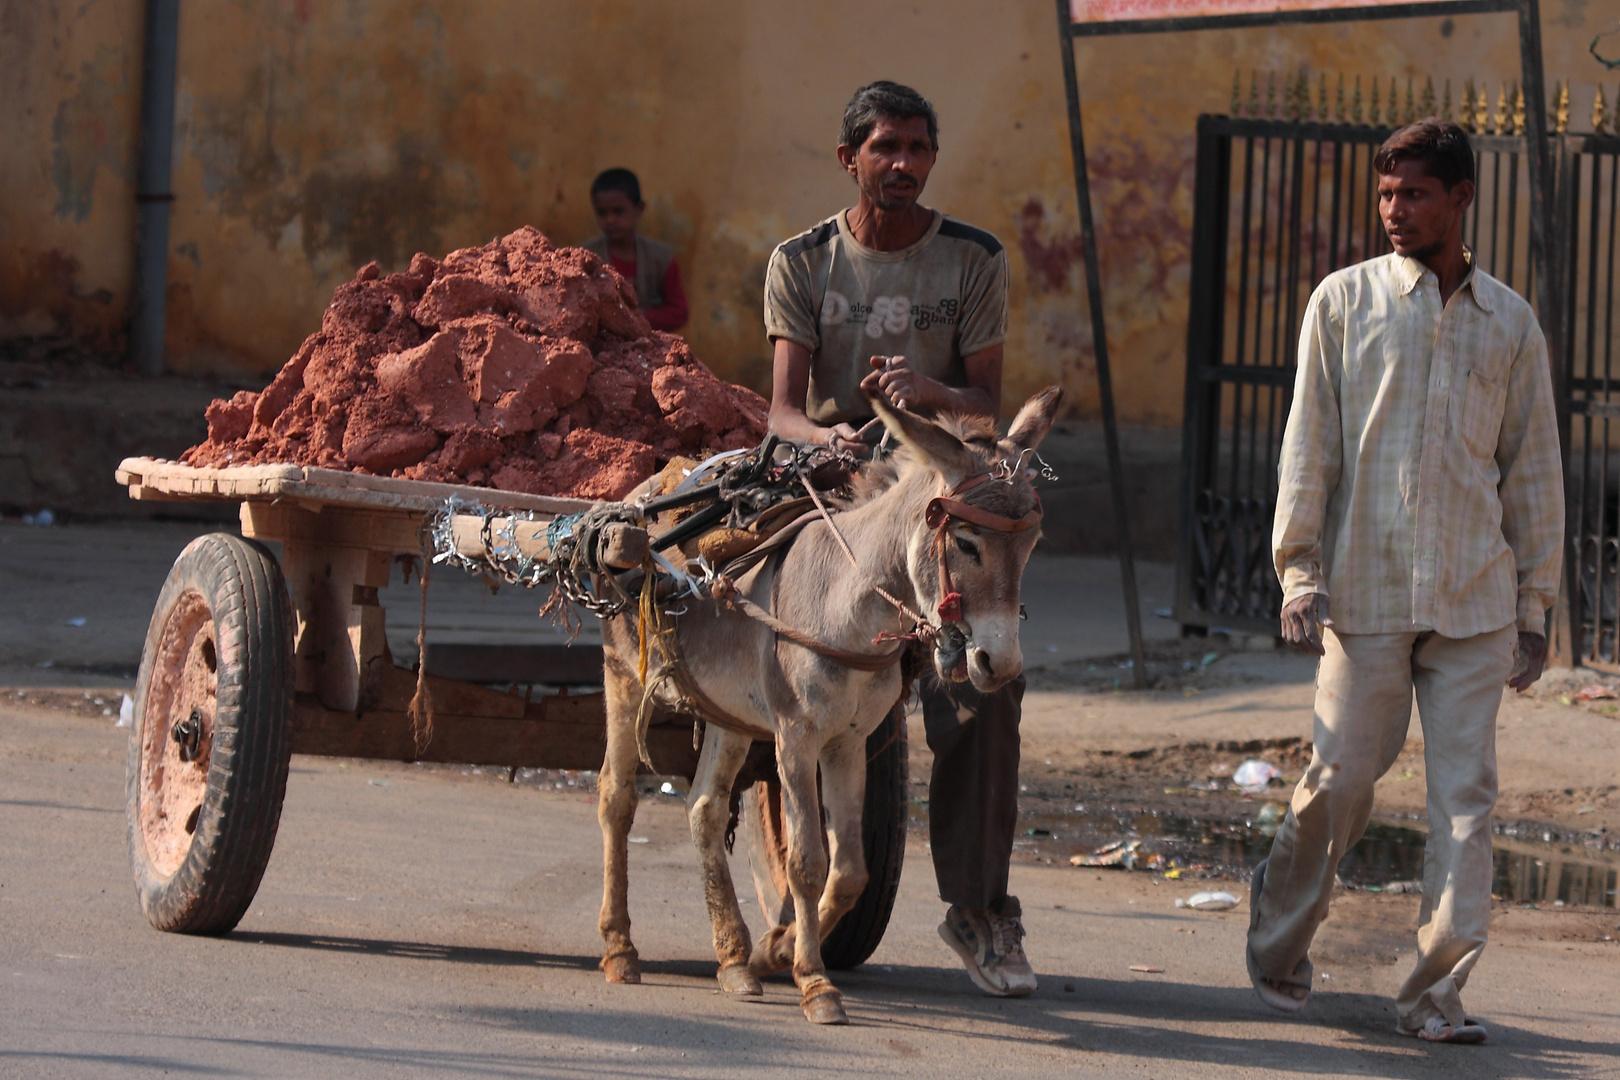 Dans la ville de Jaipur, Rajasthan.